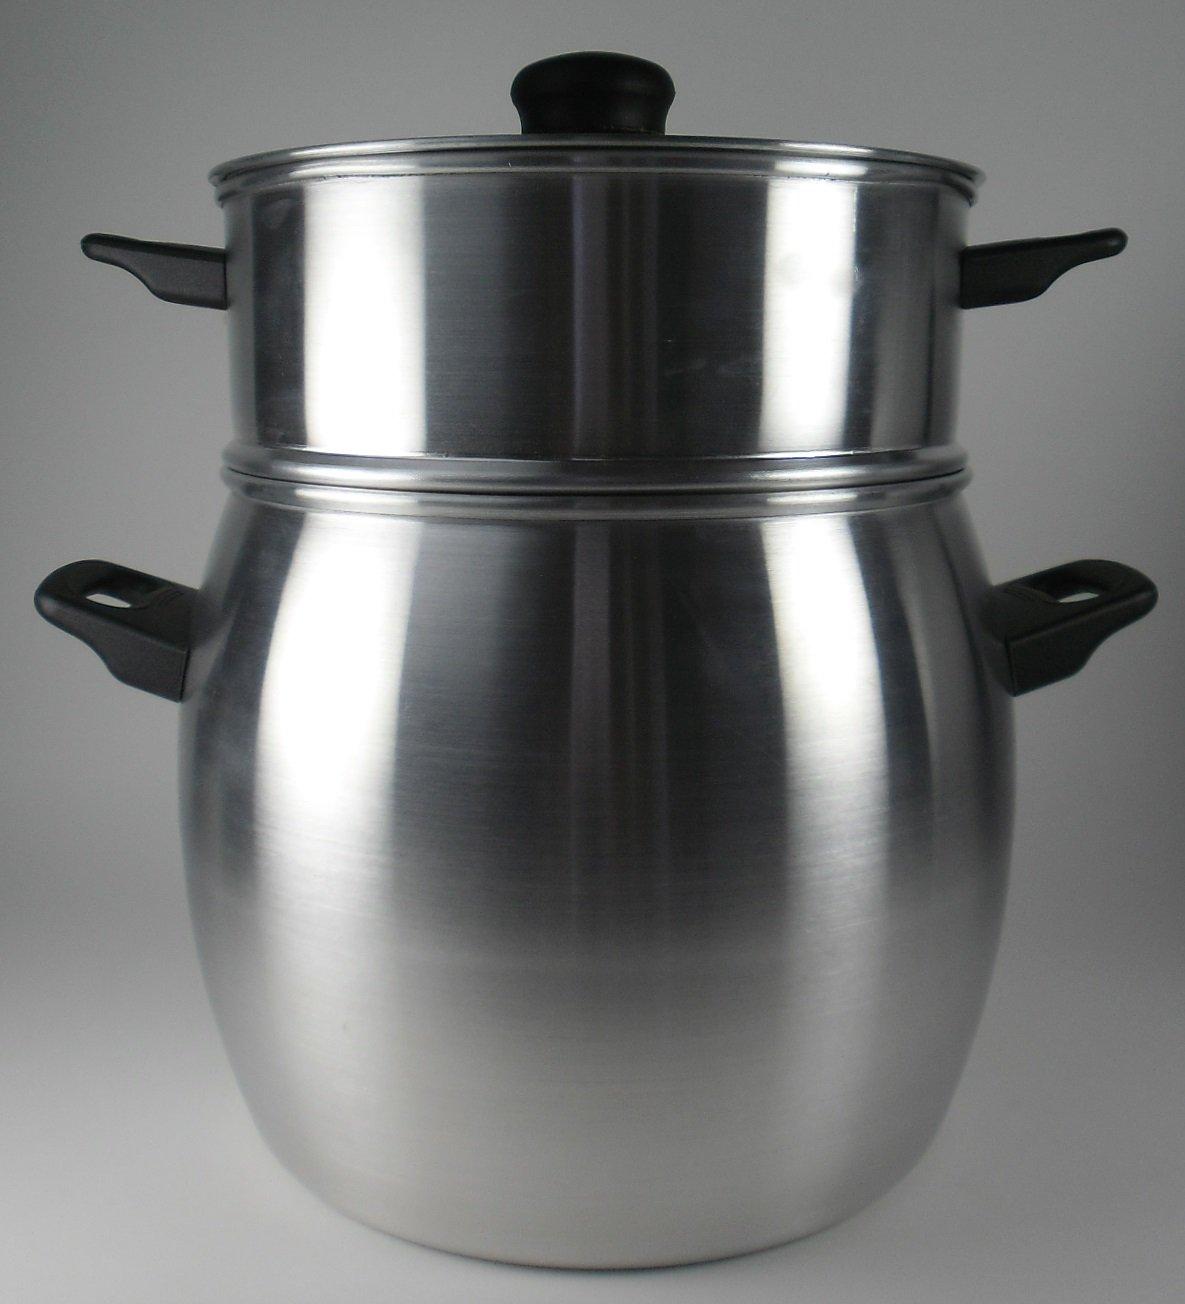 BCSA 236513 Couscous-Topf, Aluminium, 26 x 32 x 32 cm